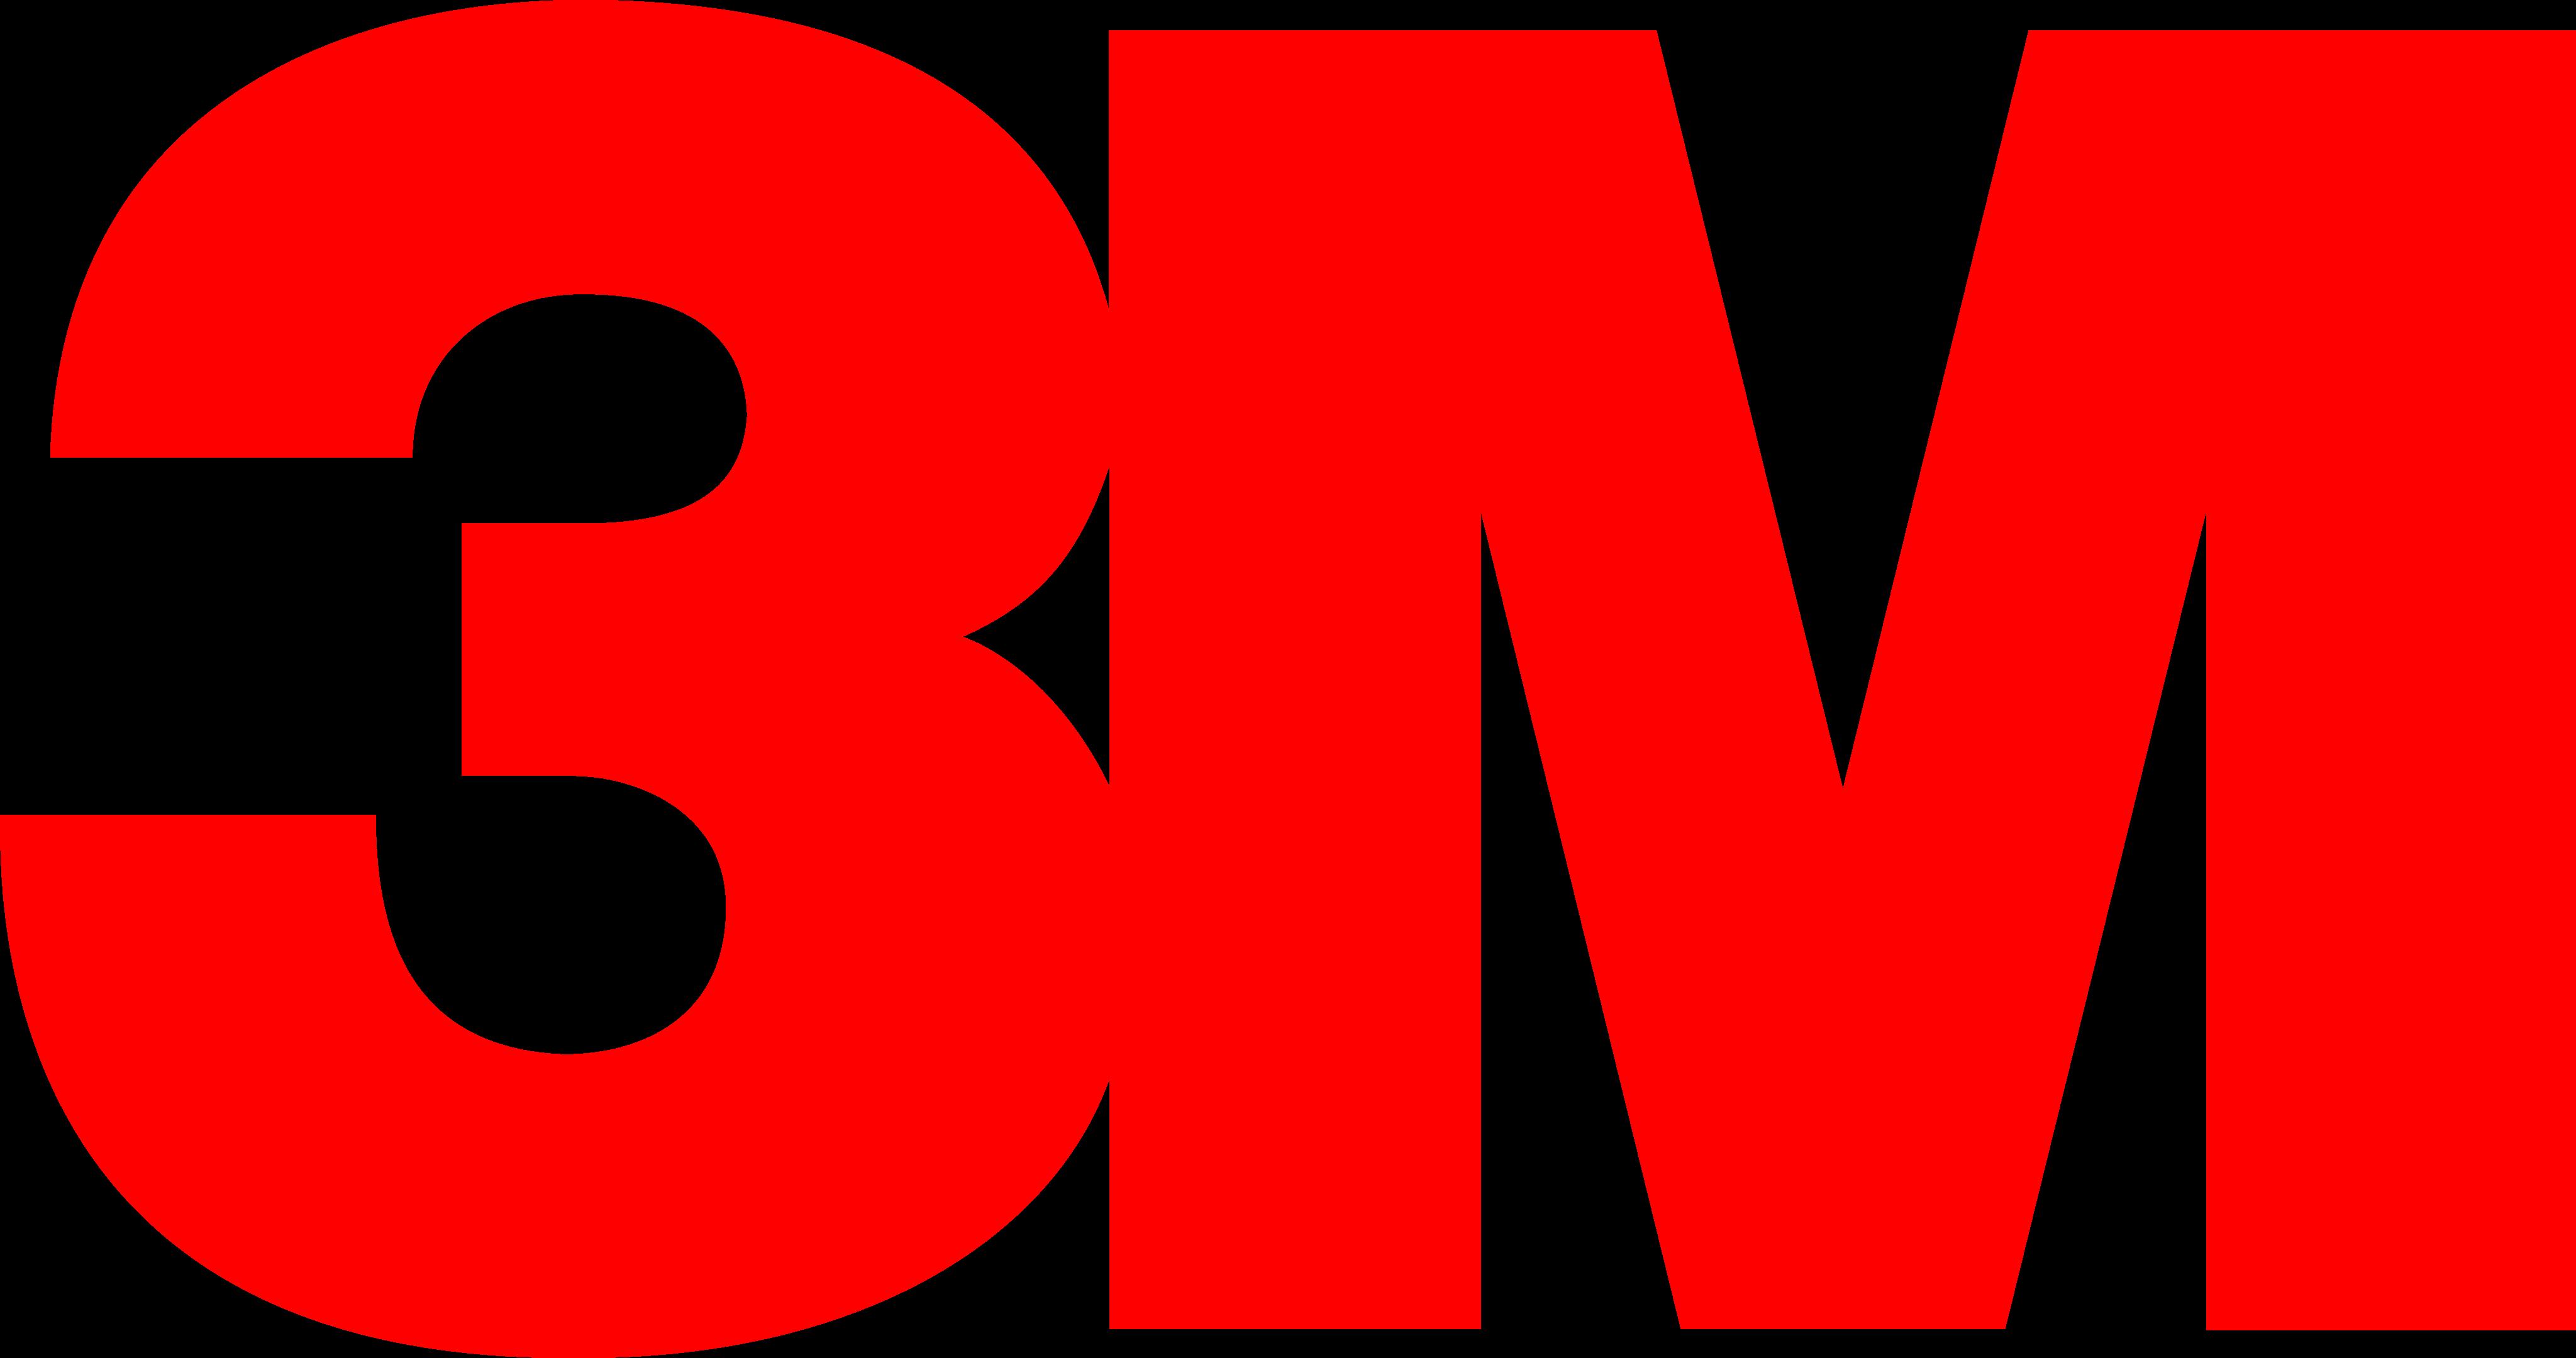 3m logo 1 1 - 3M Logo